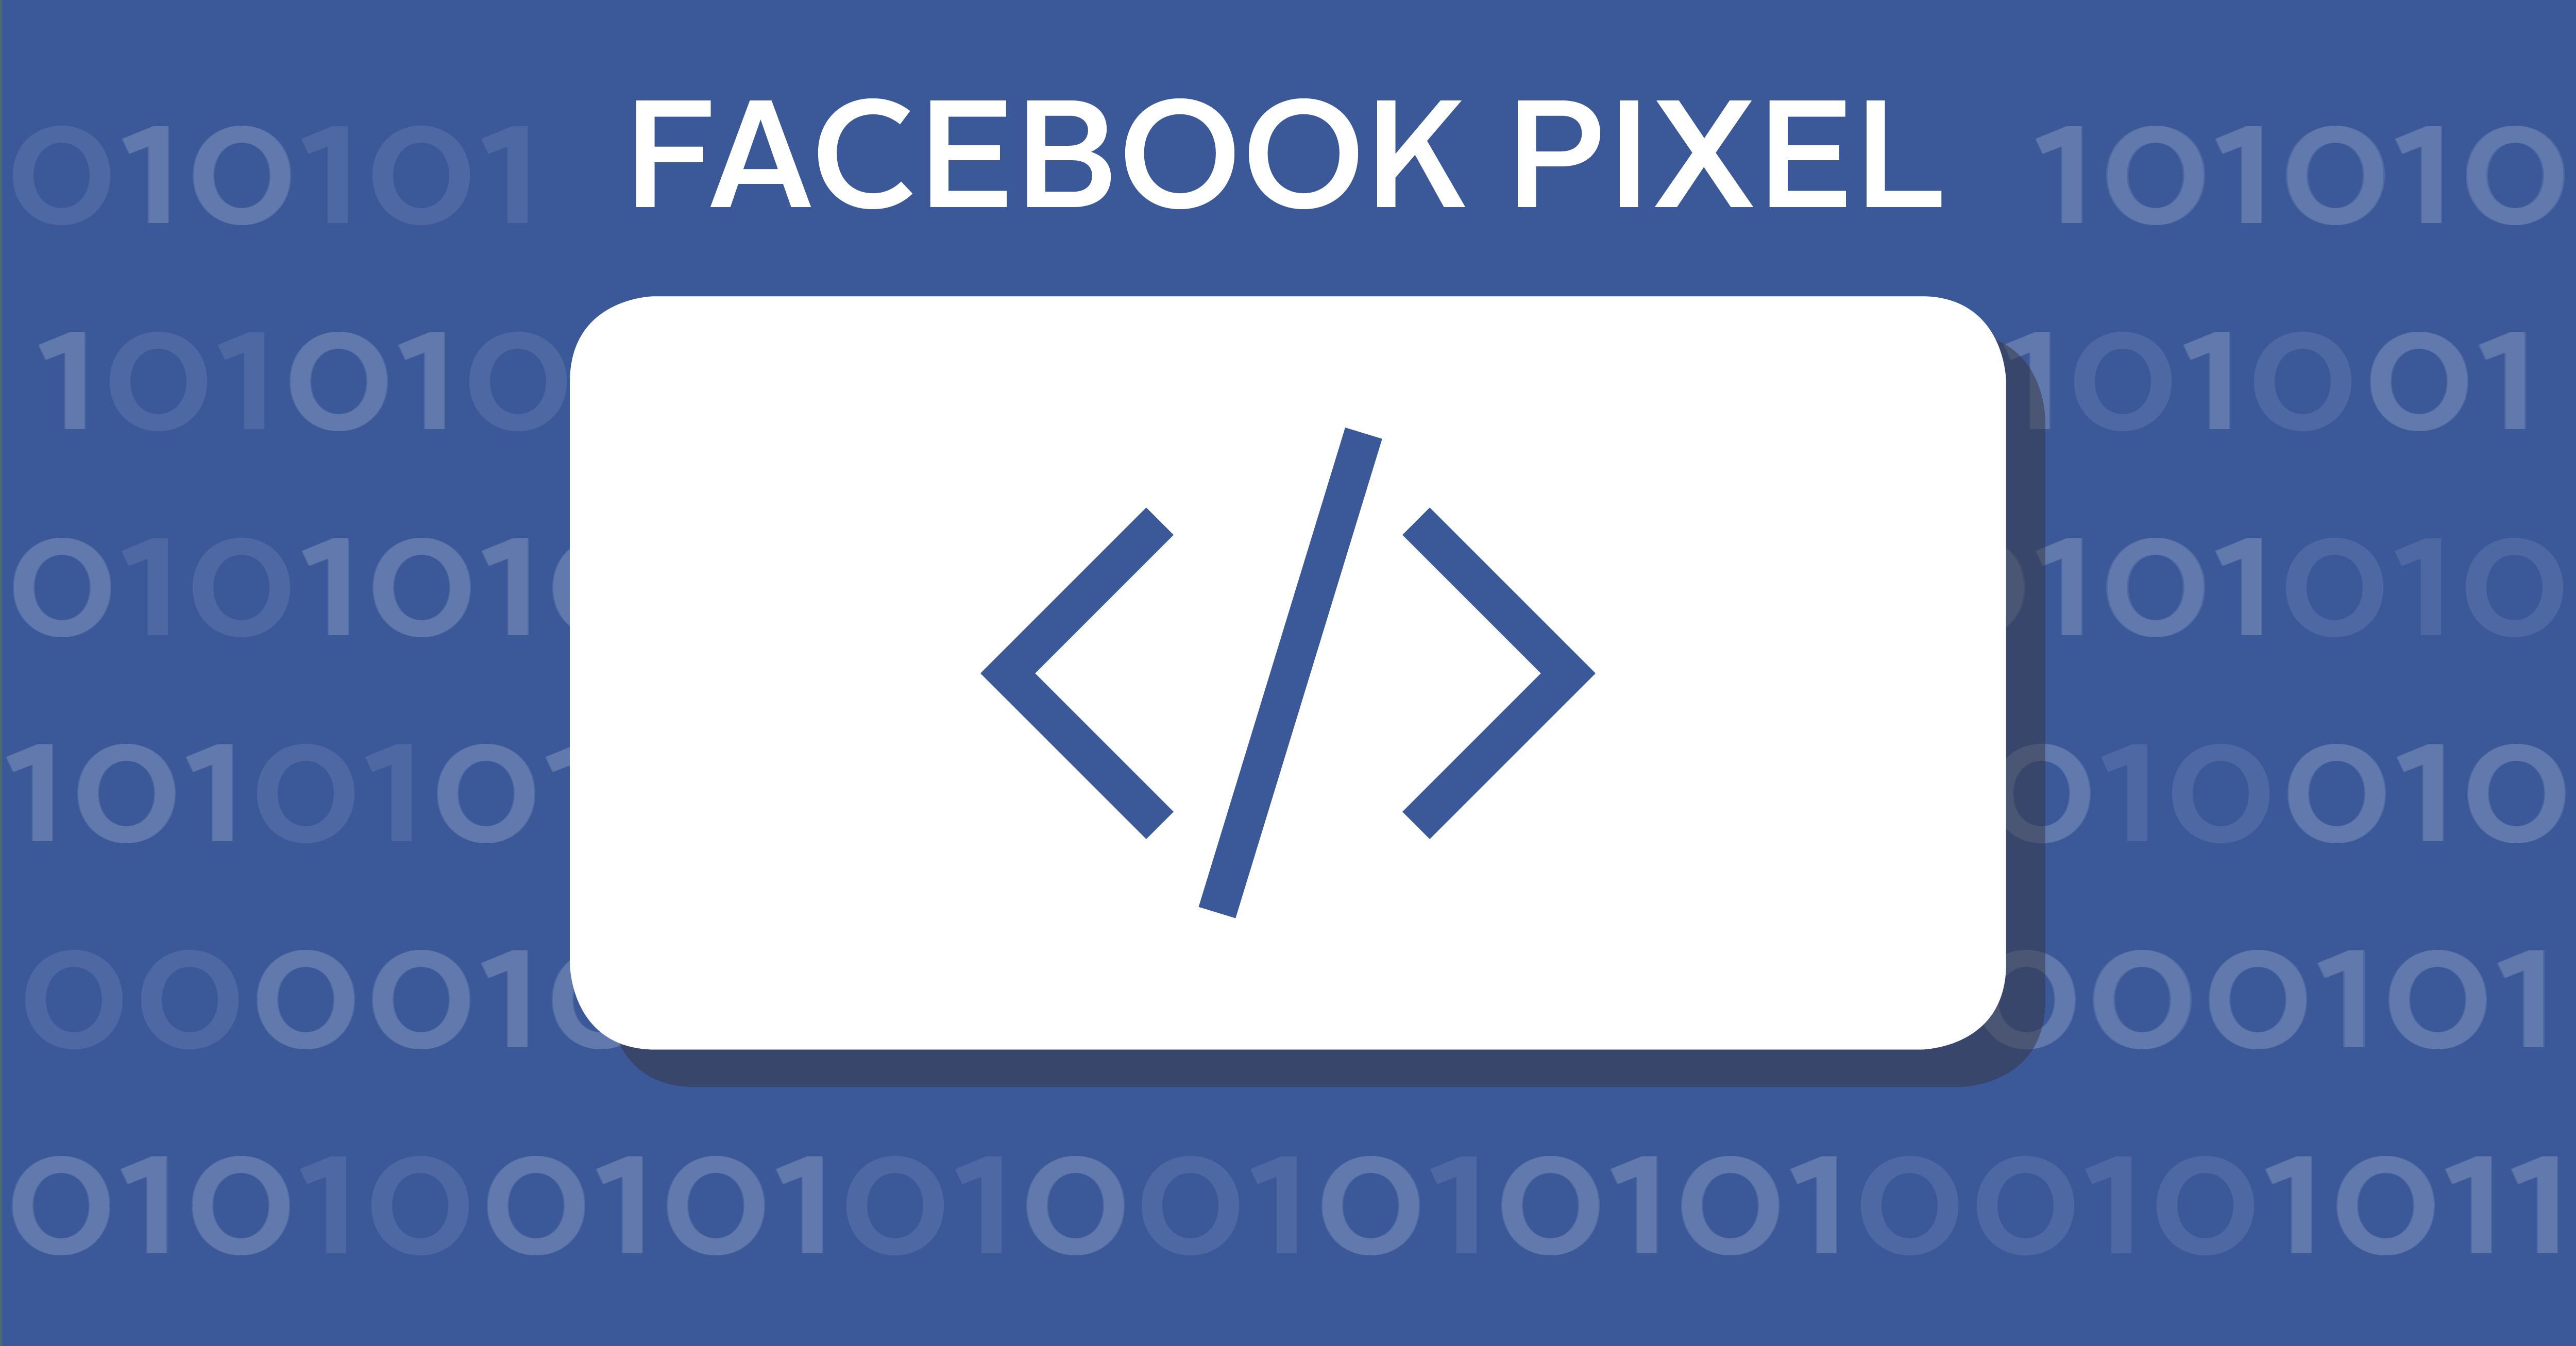 Pixel facebook trong chạy quảng cáo